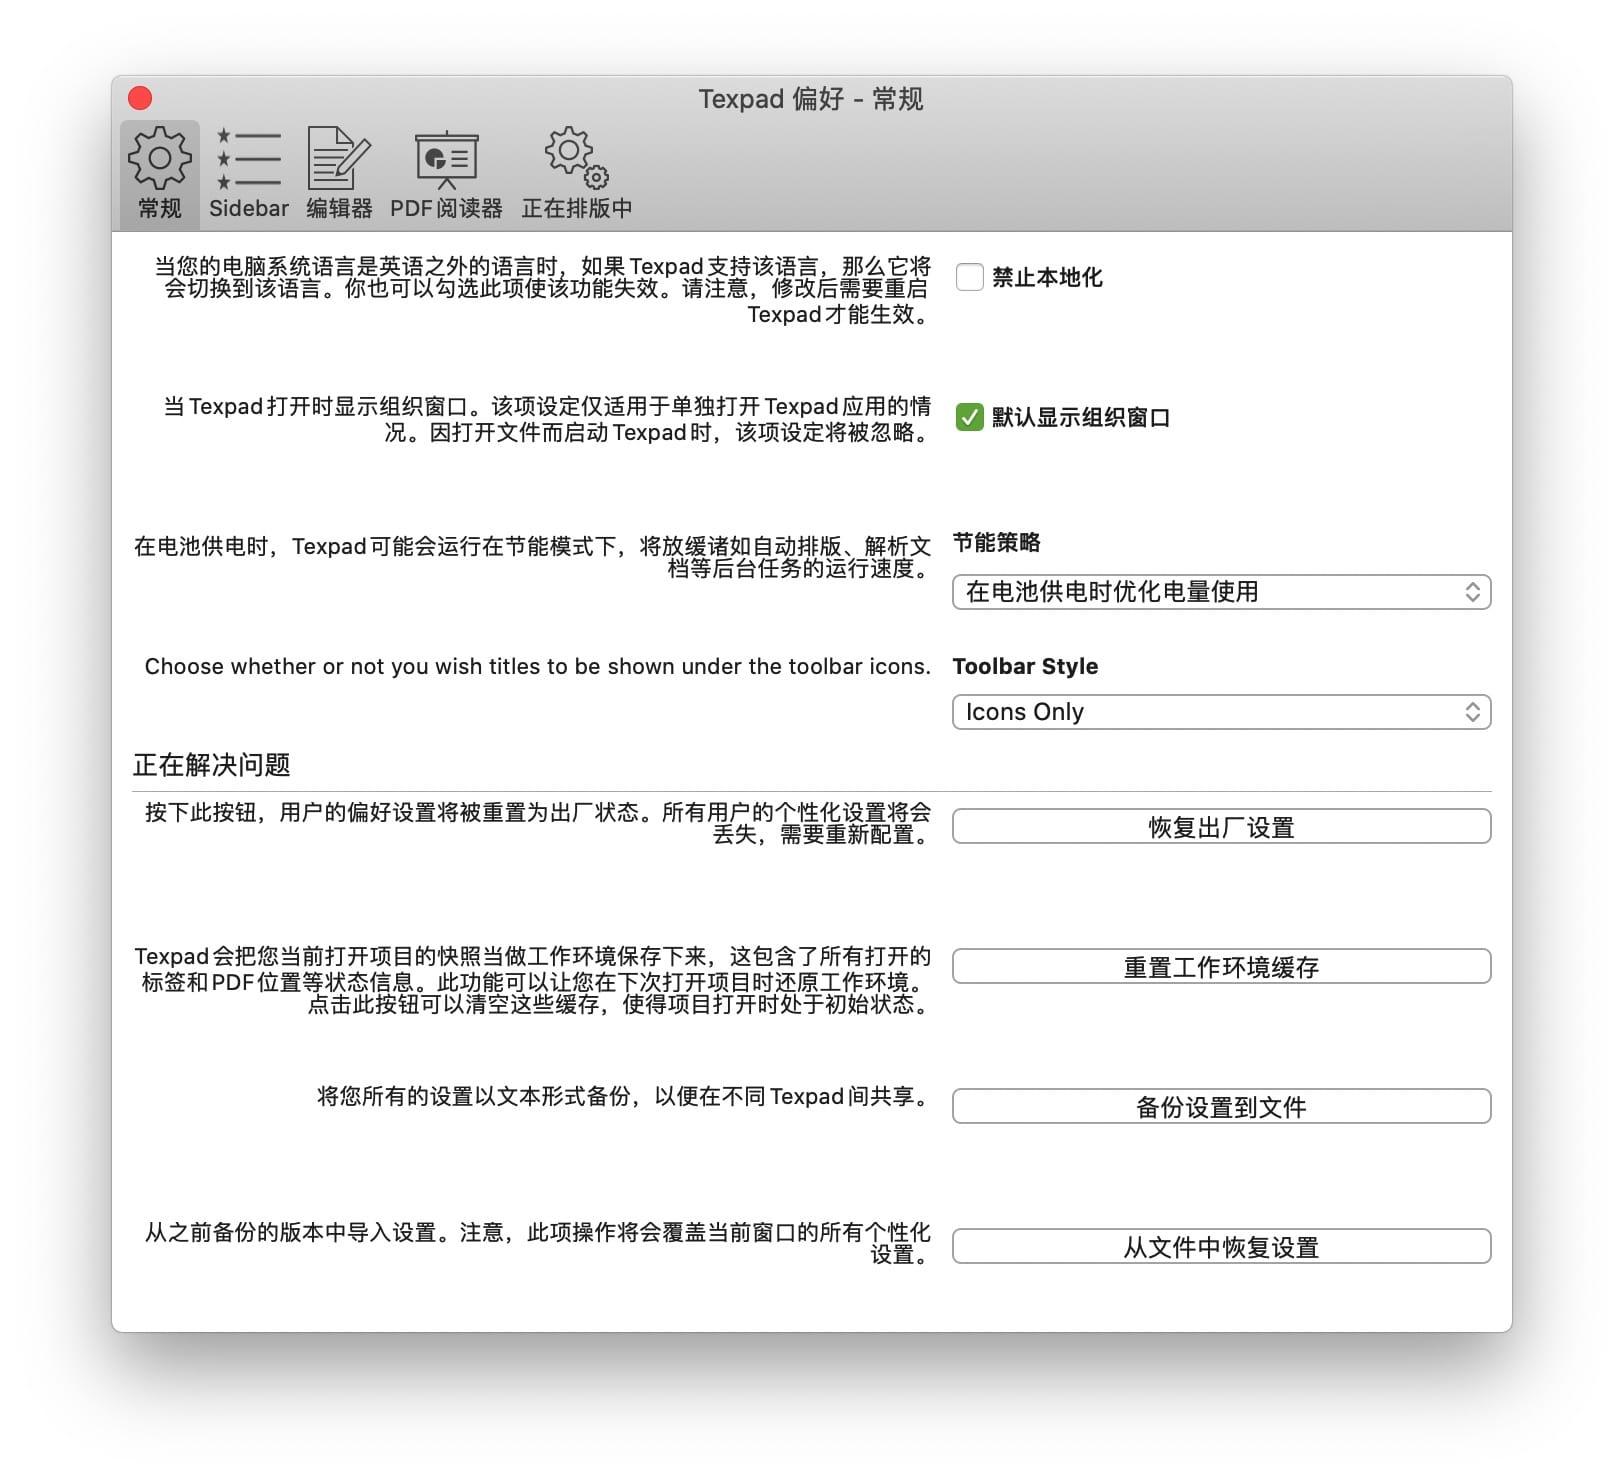 Texpad 1.8.15 (529) 中文破解版 专业的LaTeX的编辑器 写作软件 第4张